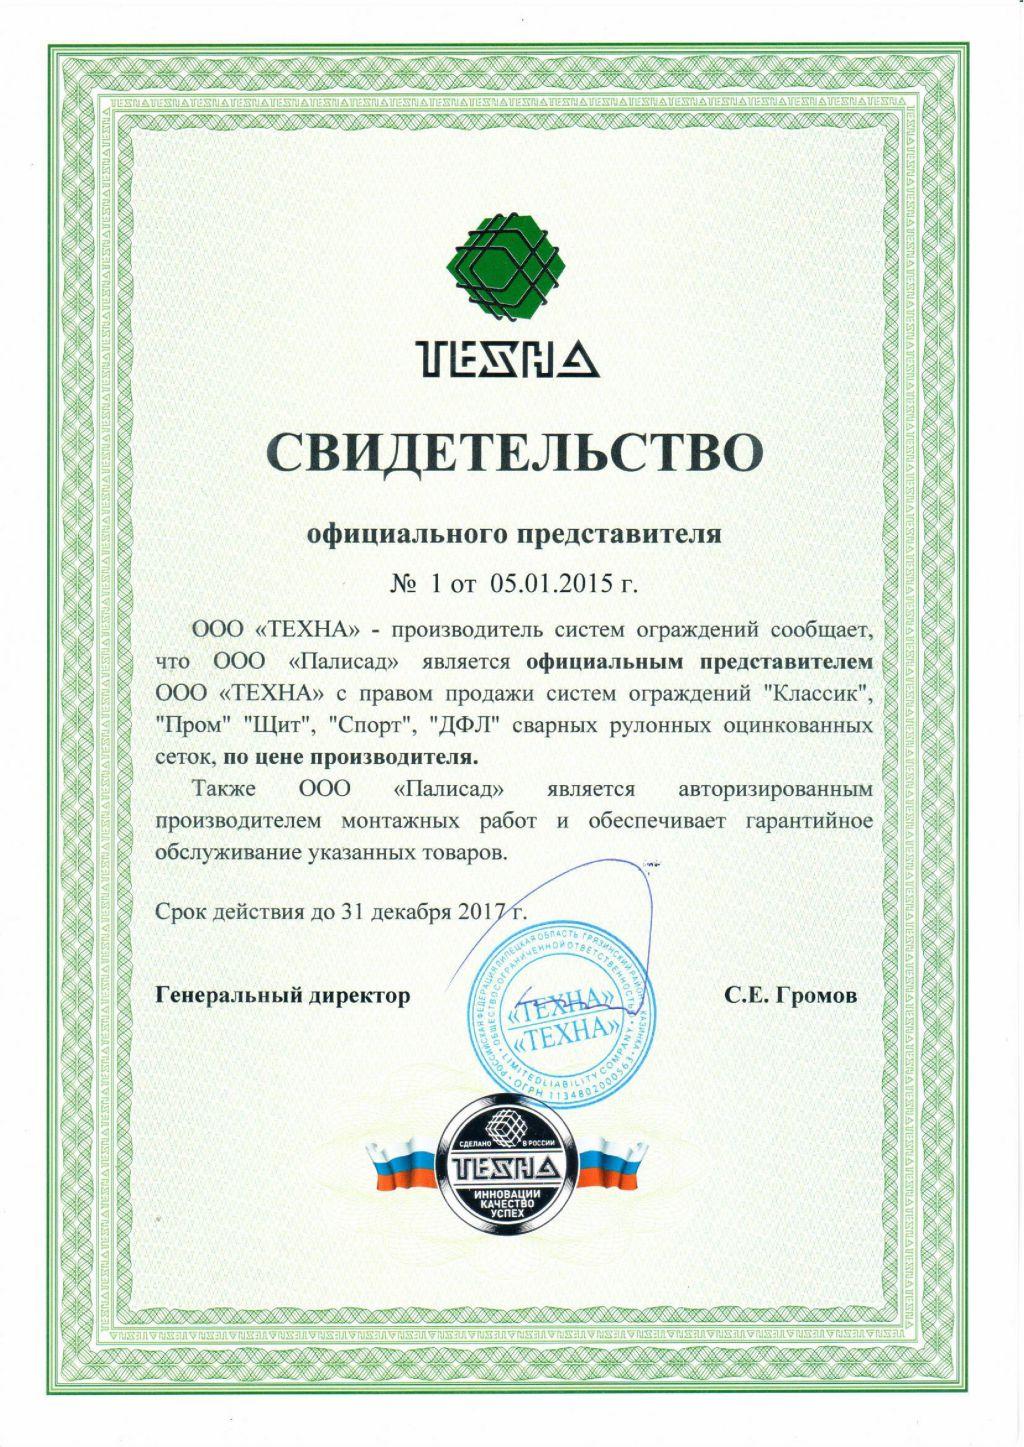 Свидетельство официального представителя ТЕХНА